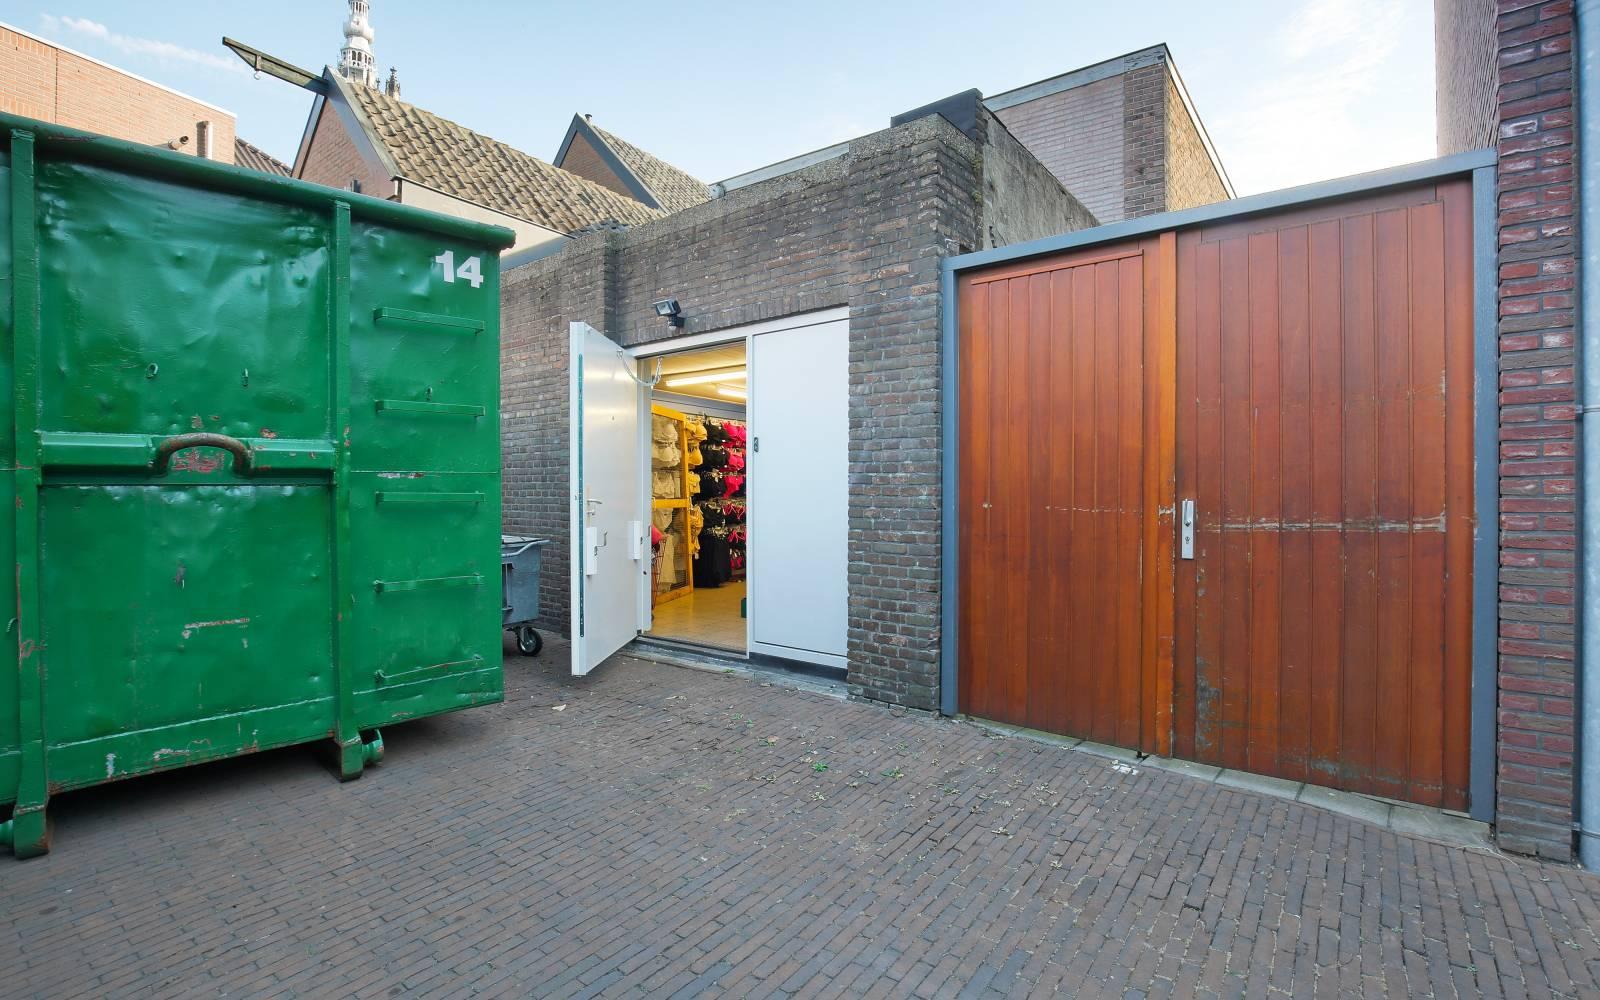 Garage Huren Amersfoort : Varkensmarkt amersfoort winkel huren